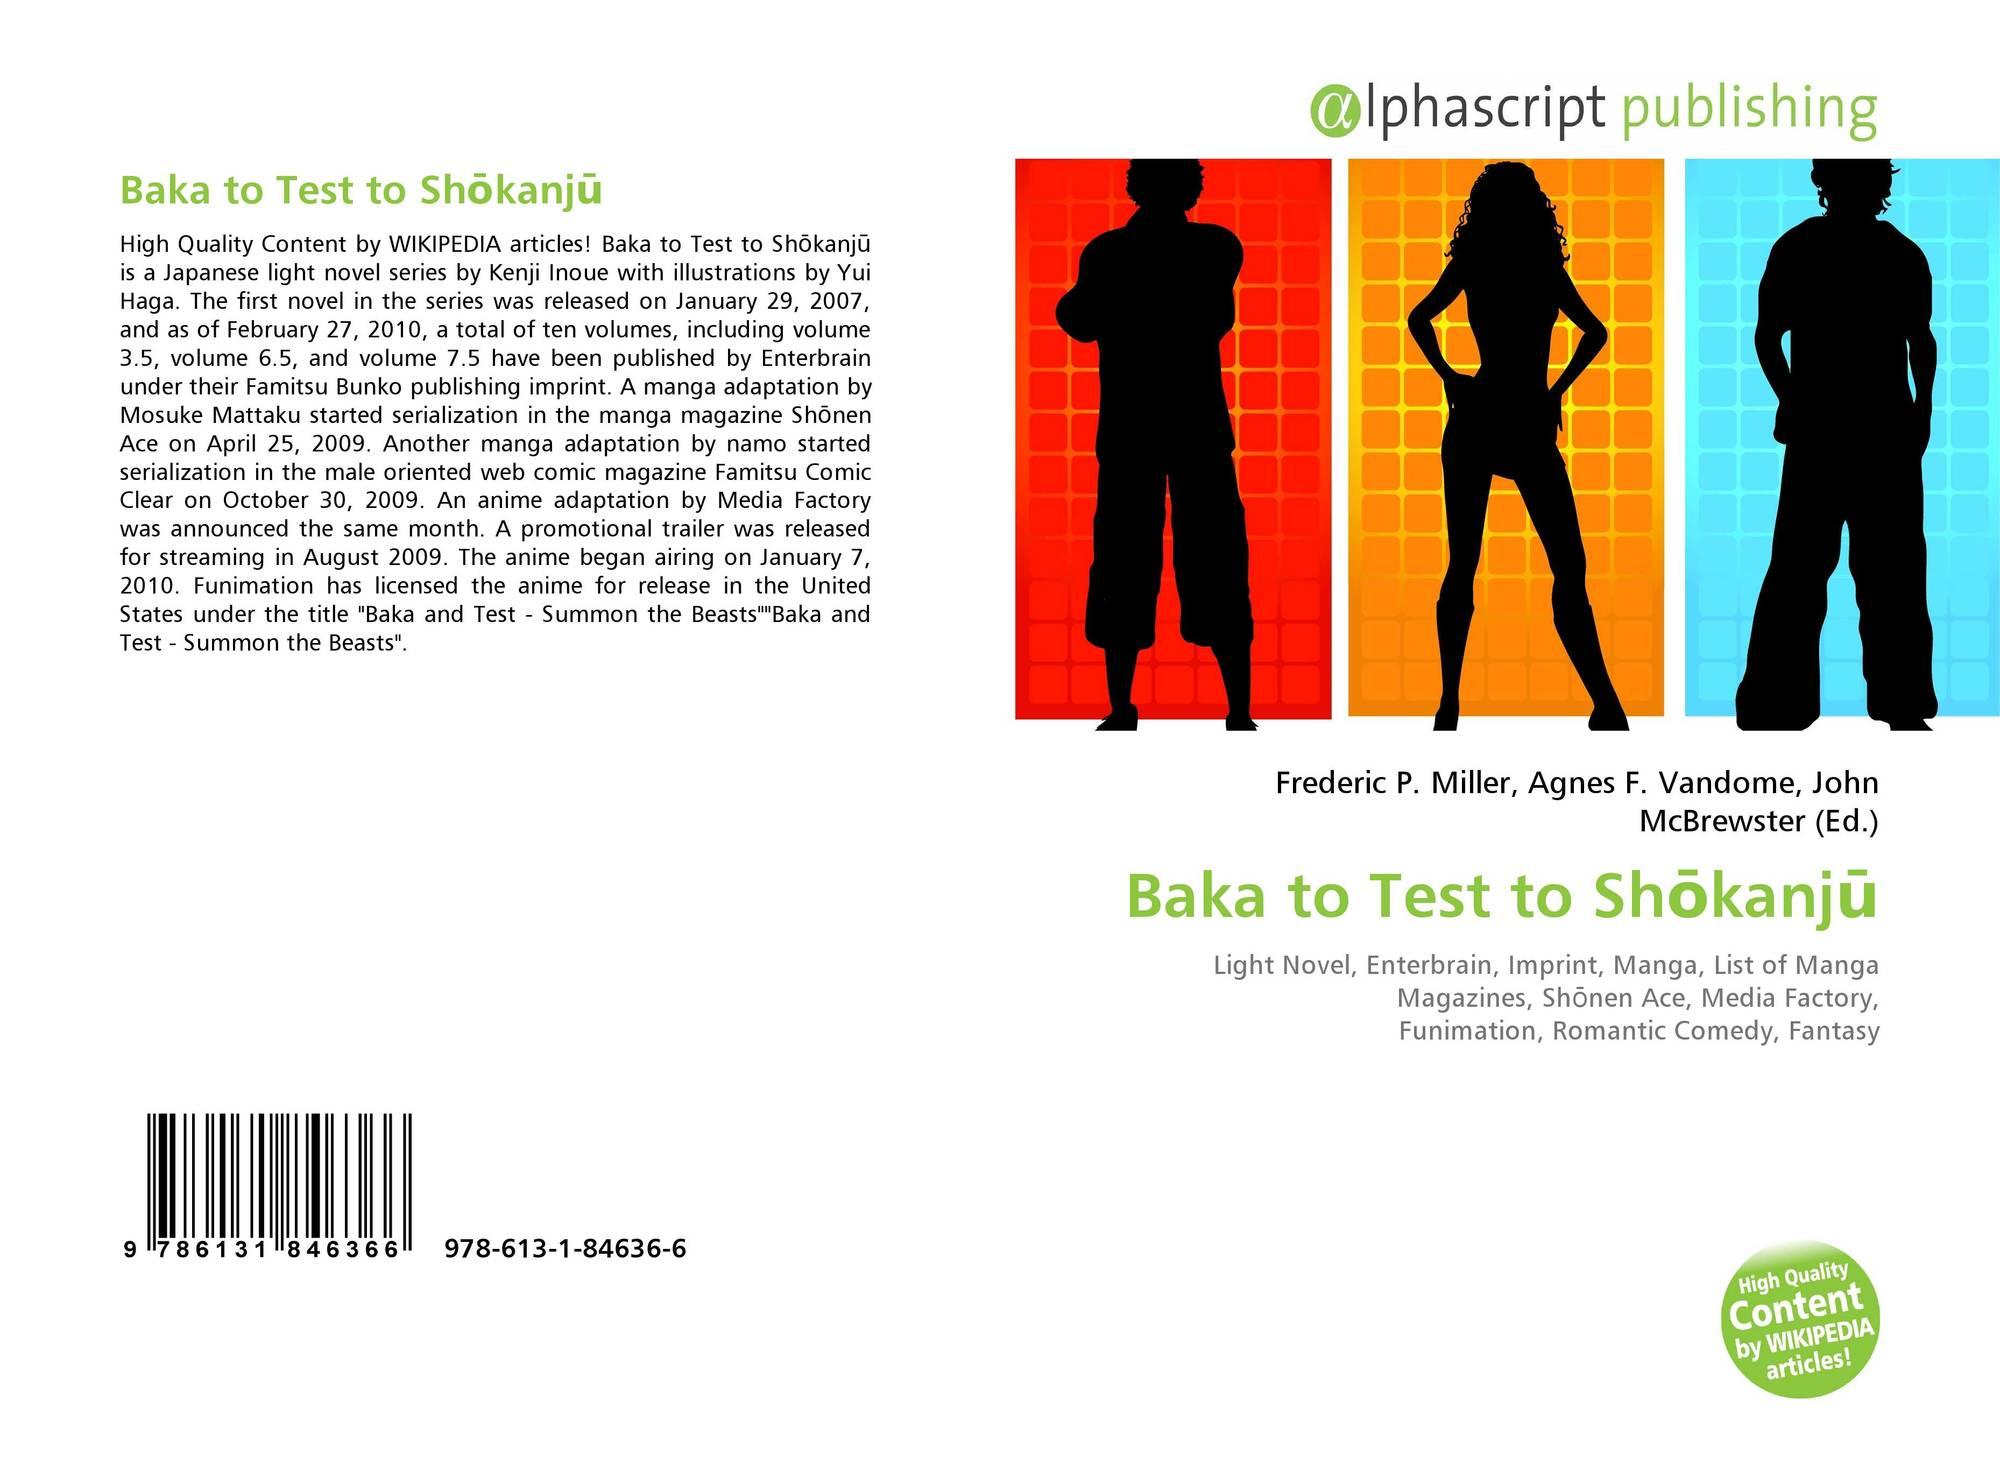 Baka to Test to Shōkanjū, 978-613-1-84636-6, 6131846367 ,9786131846366